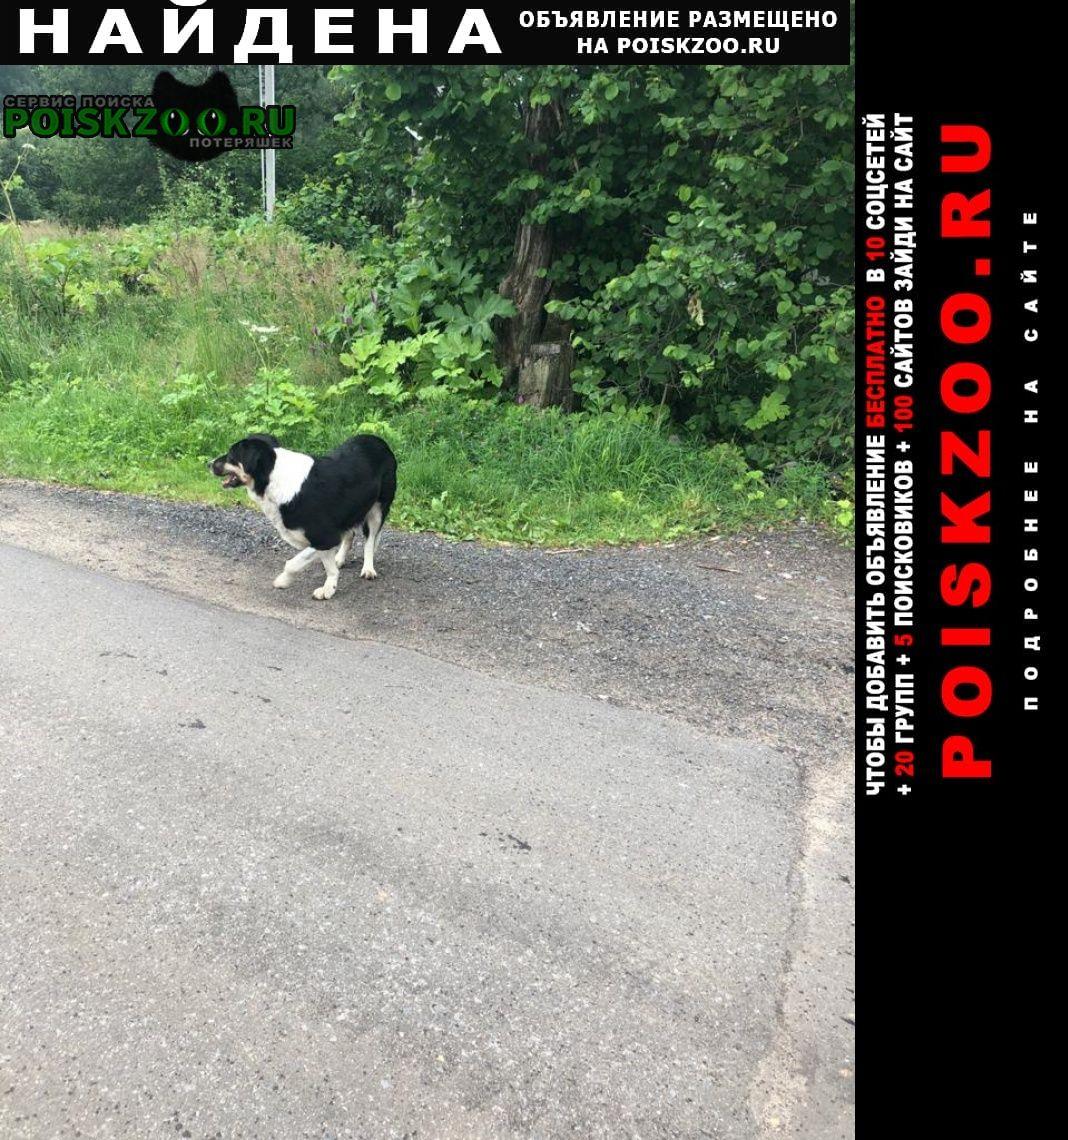 Найдена собака песик бродит на красноармейском шоссе Красноармейск (Московская обл.)